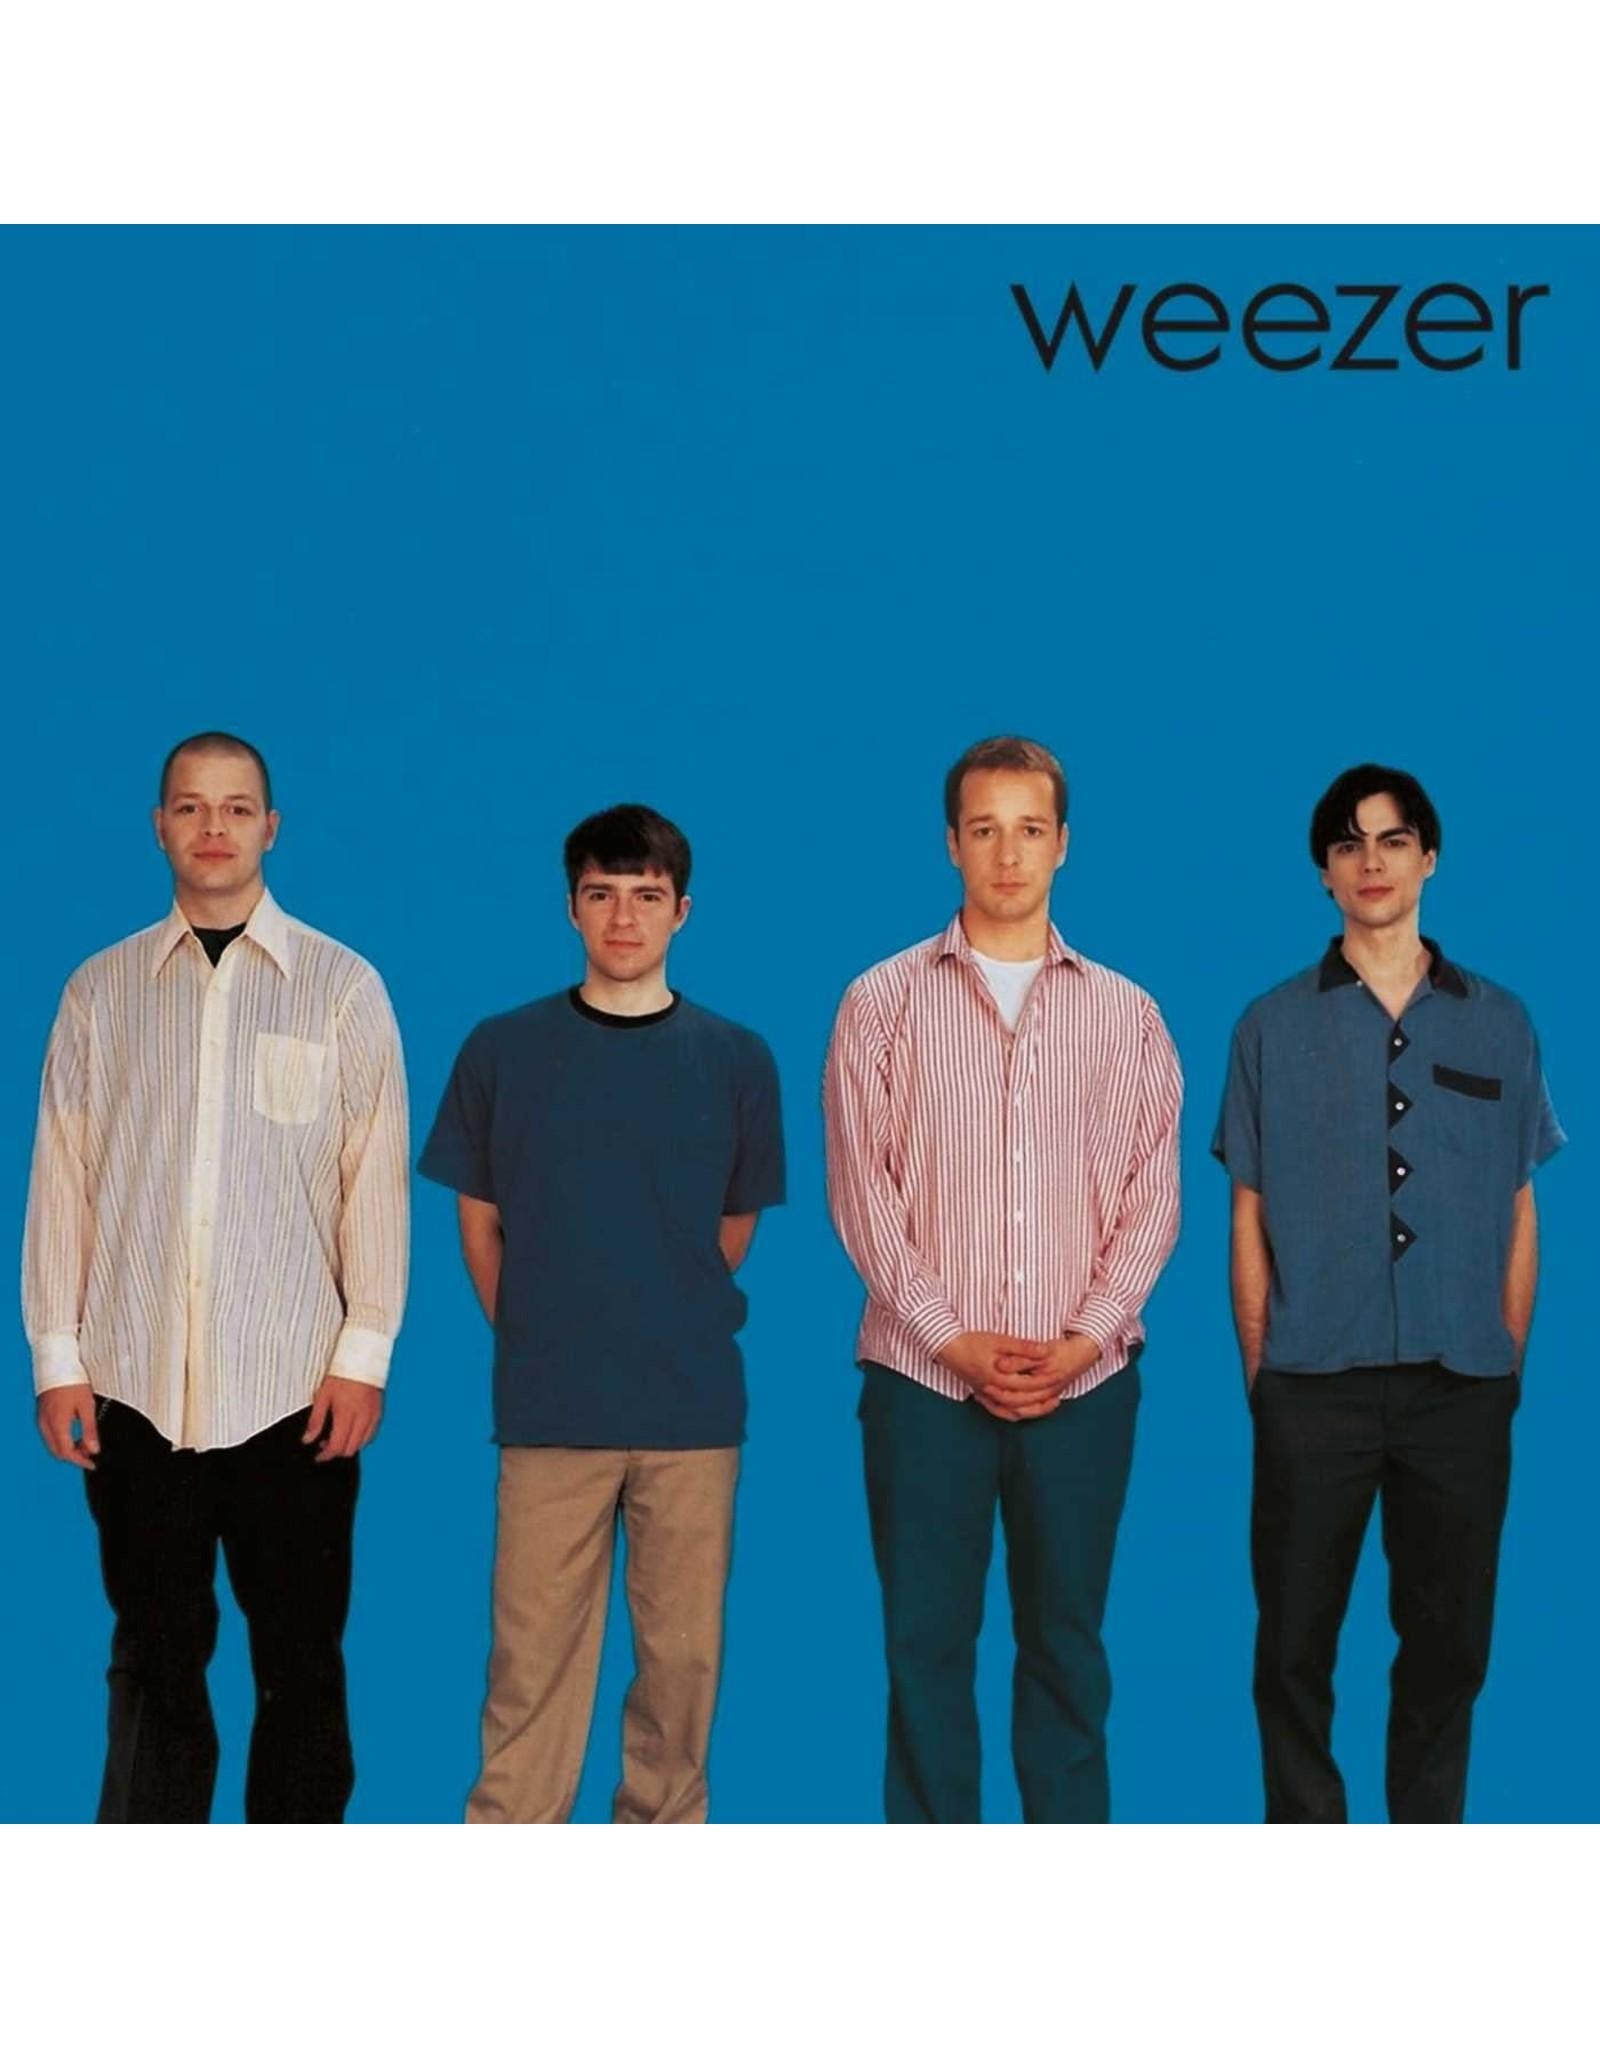 Weezer - Weezer (Blue Album) LP